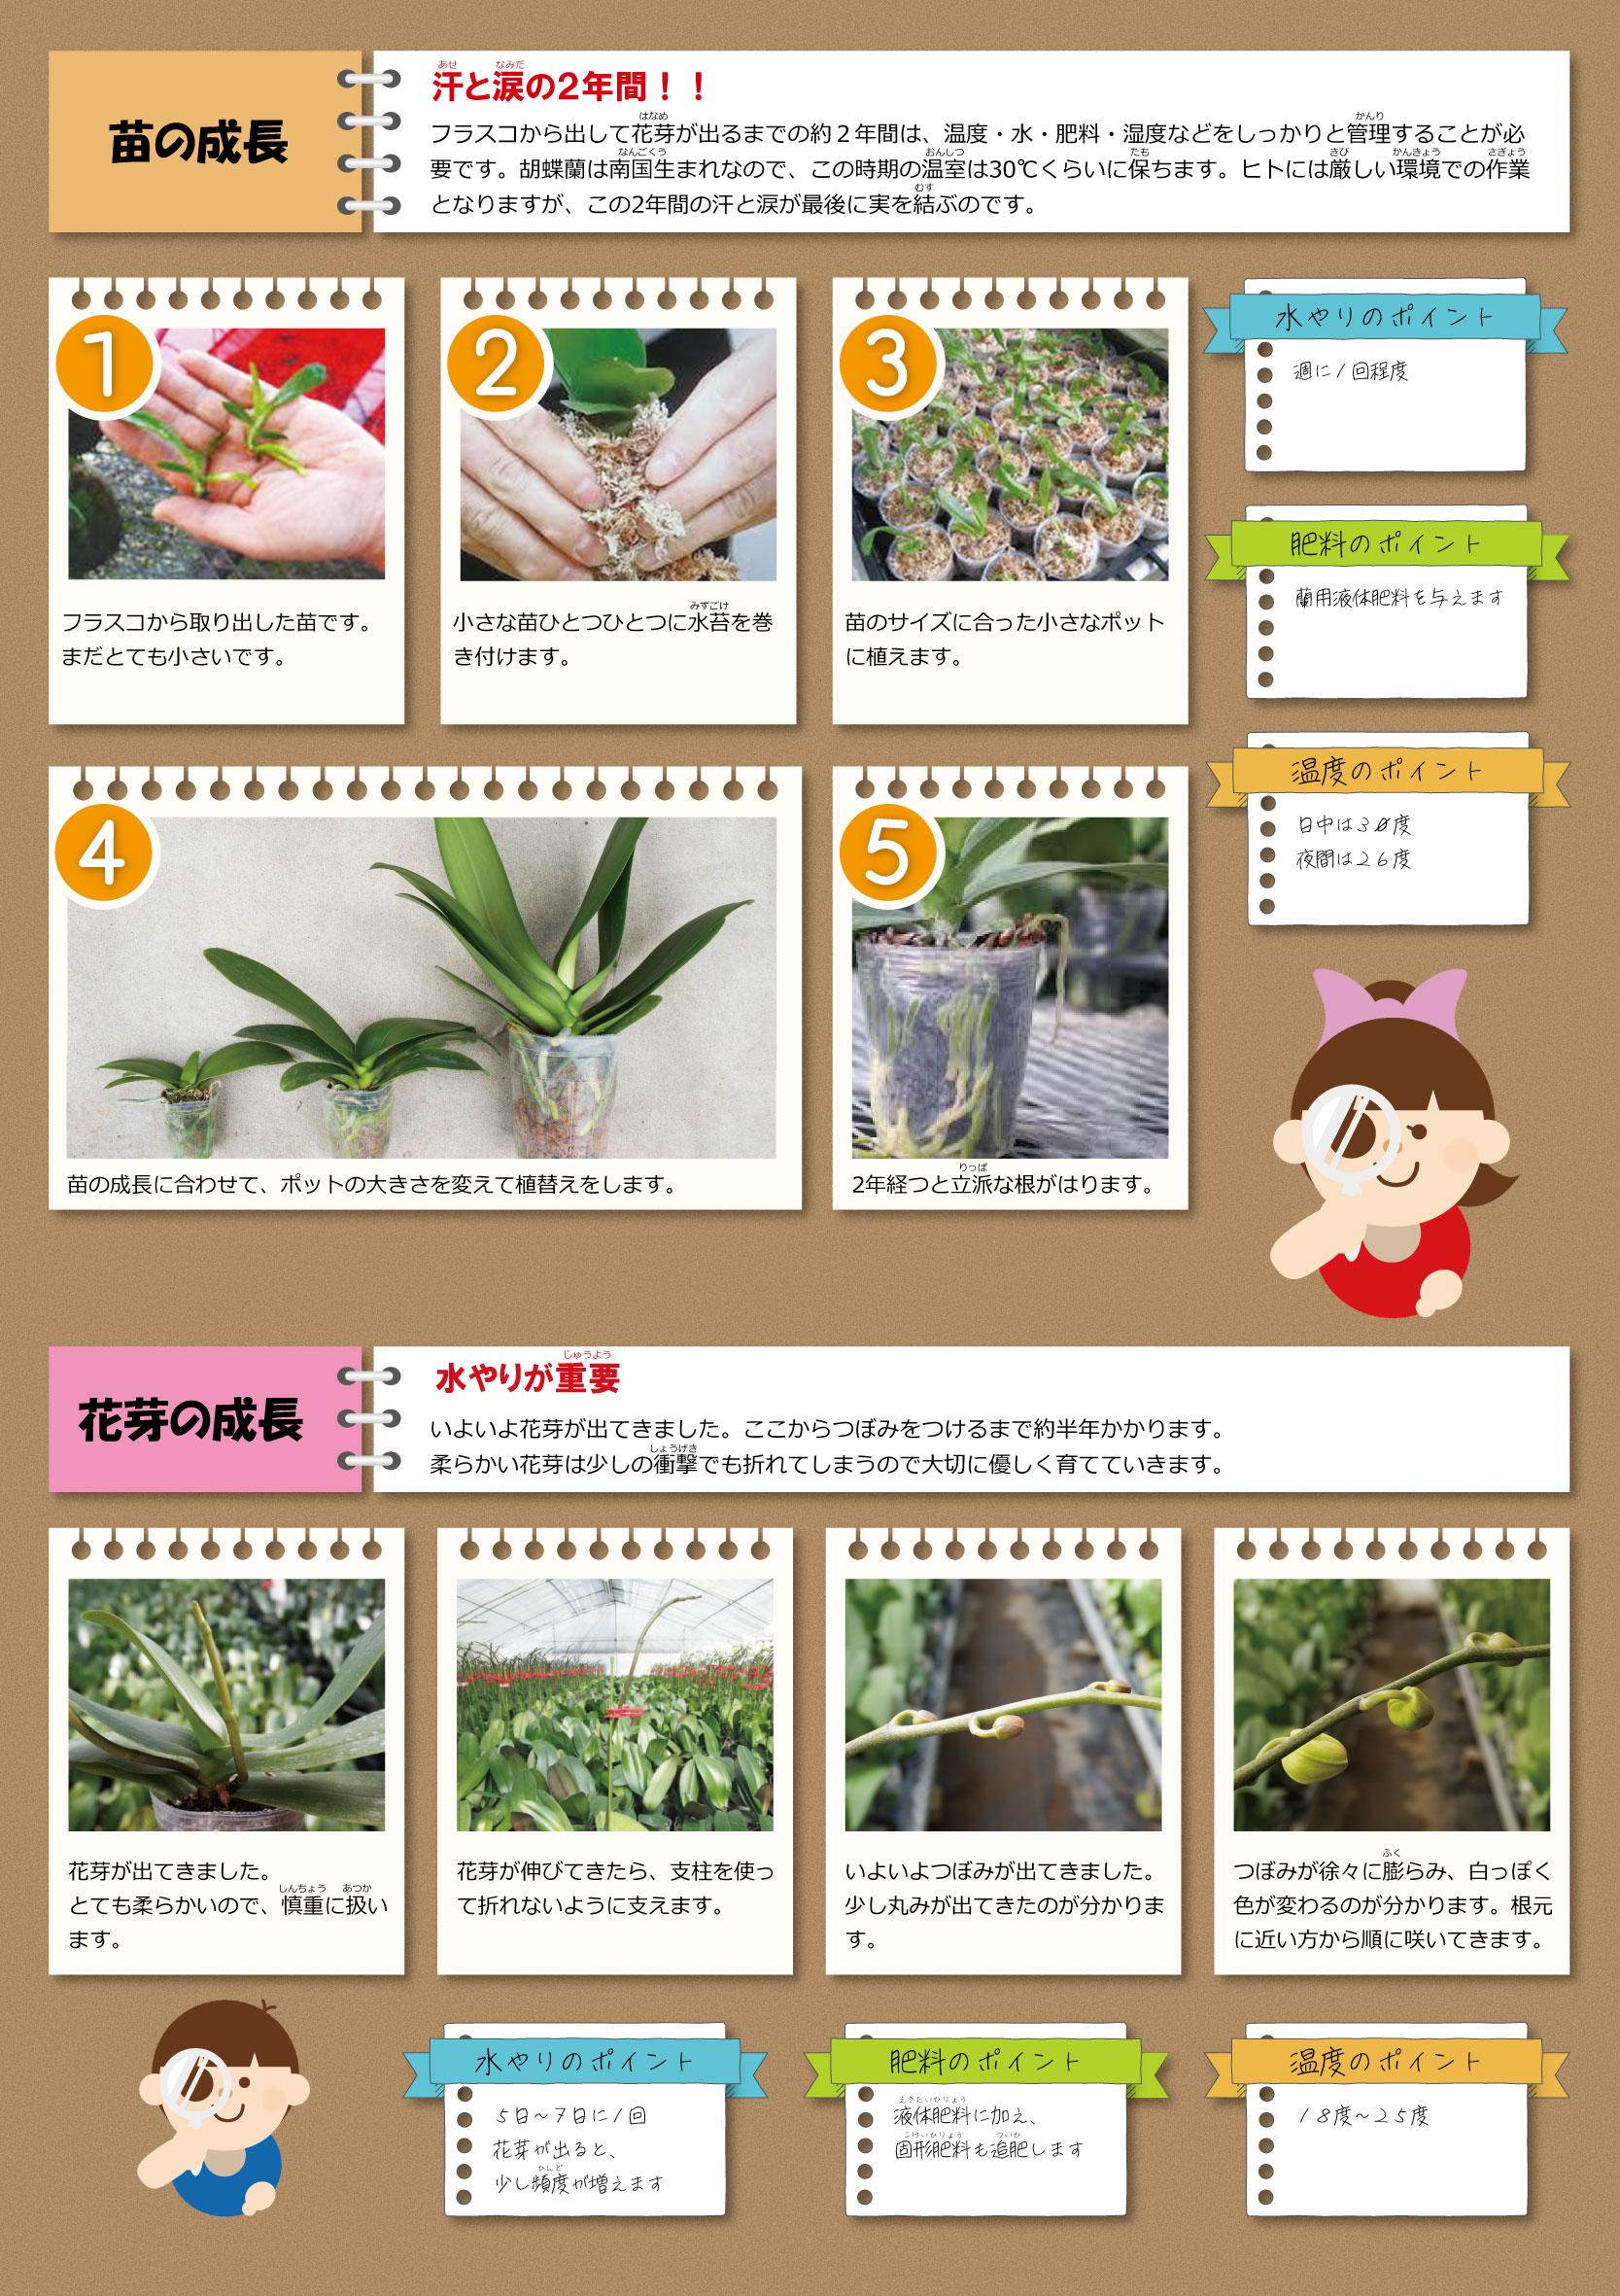 胡蝶蘭の苗の成長・花芽の成長